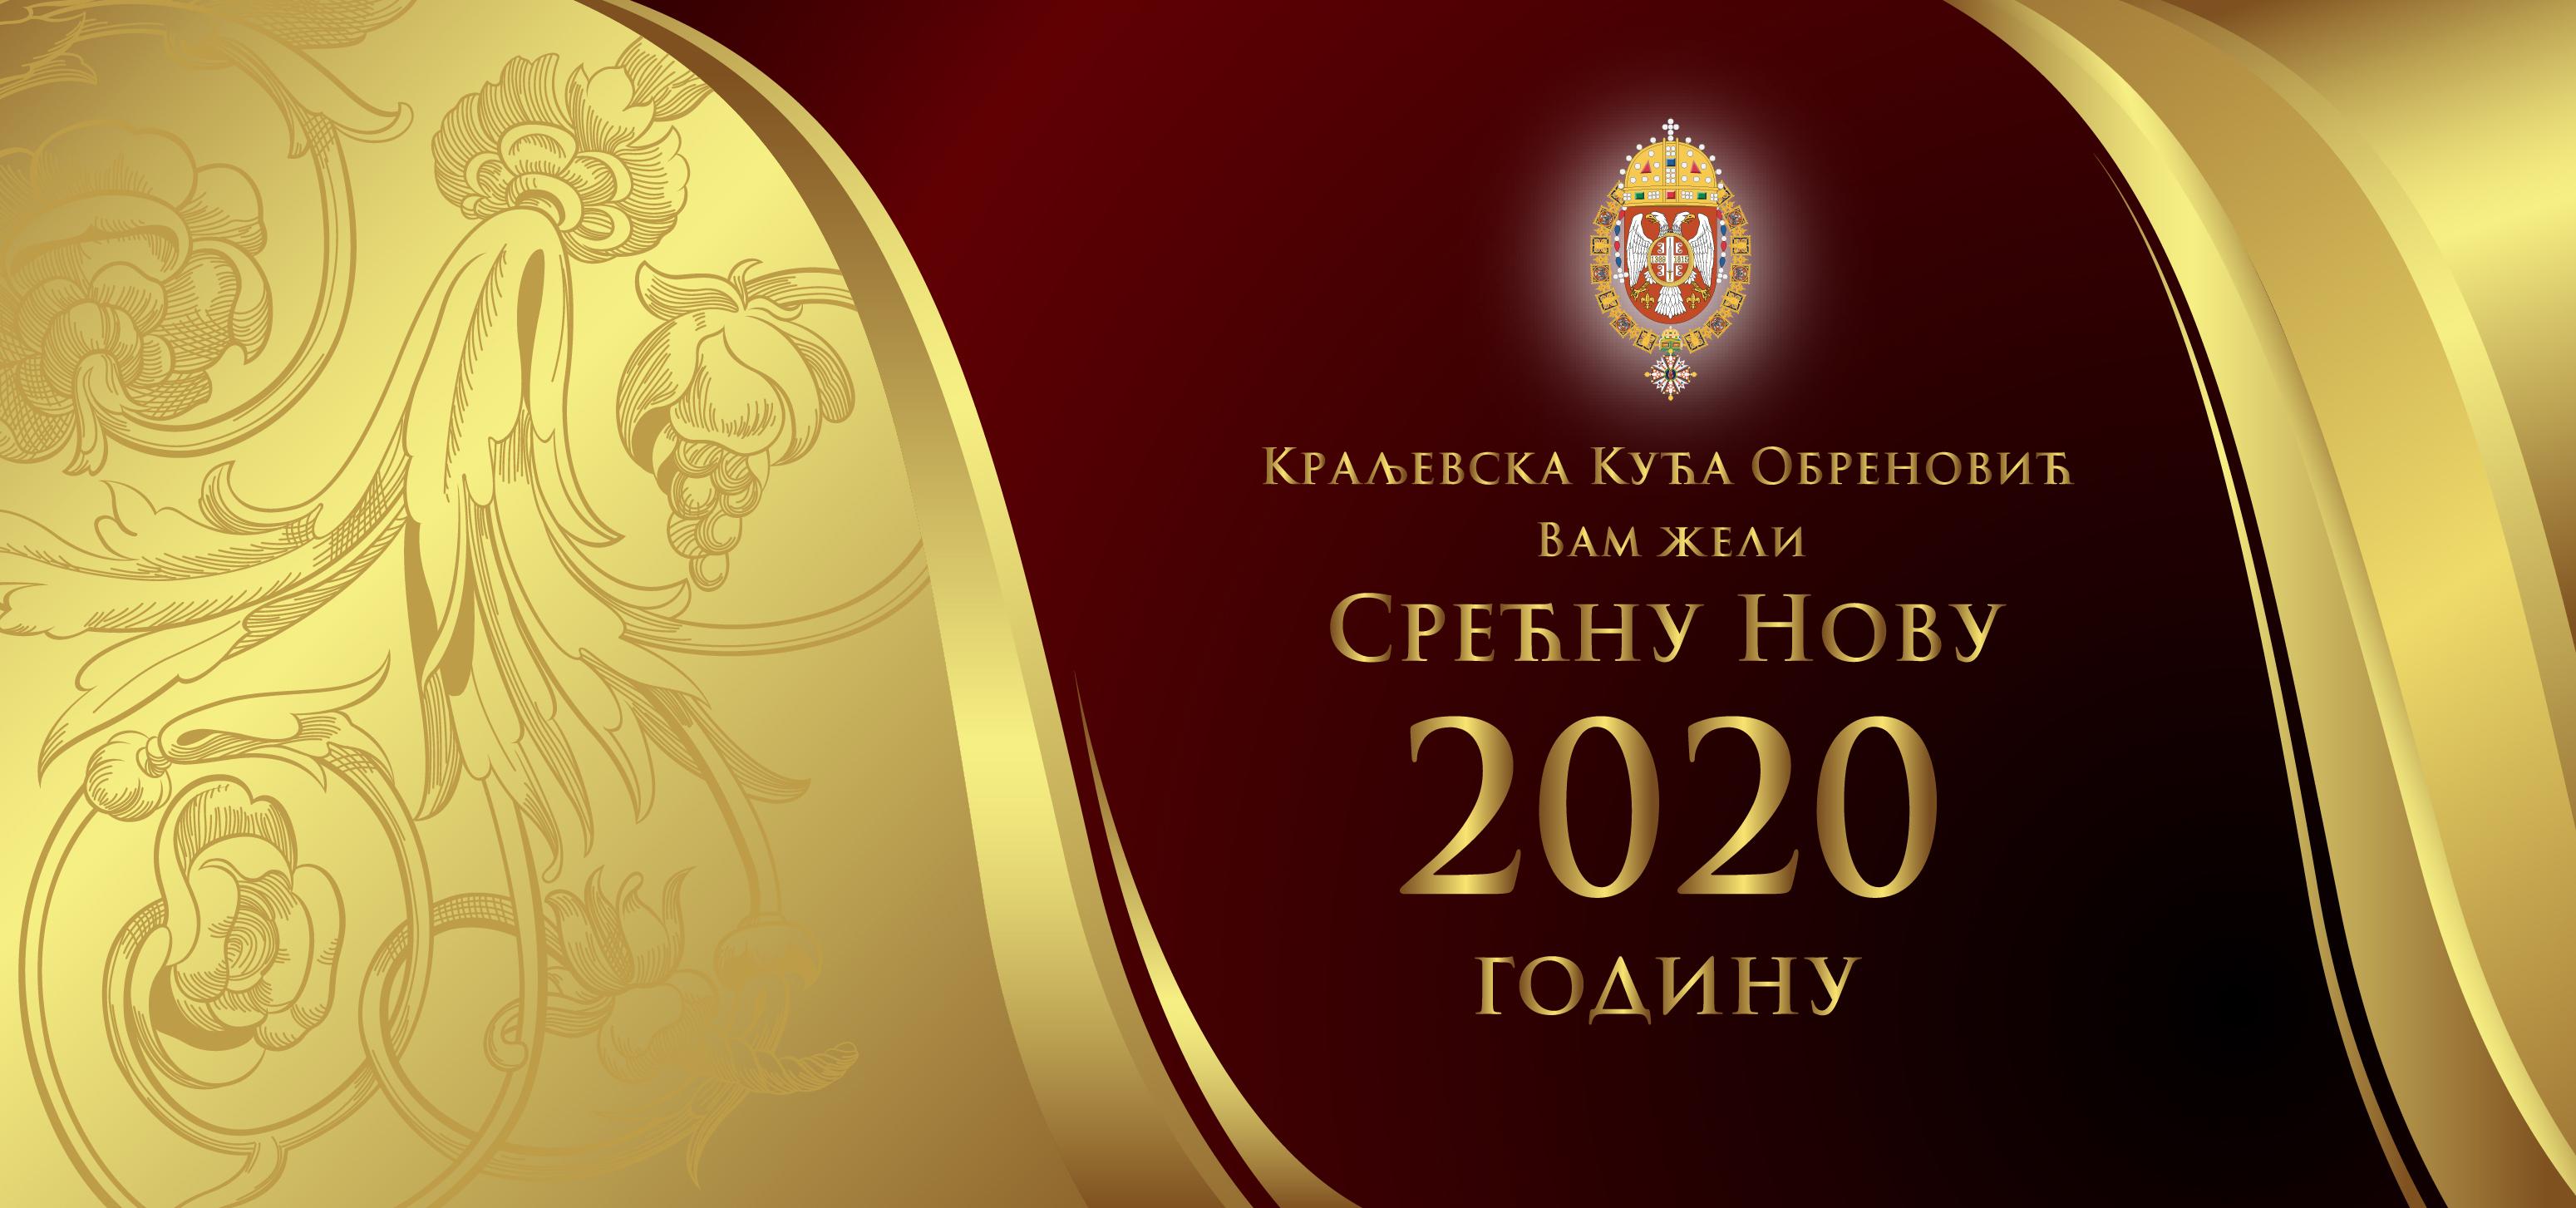 2020 Srpski